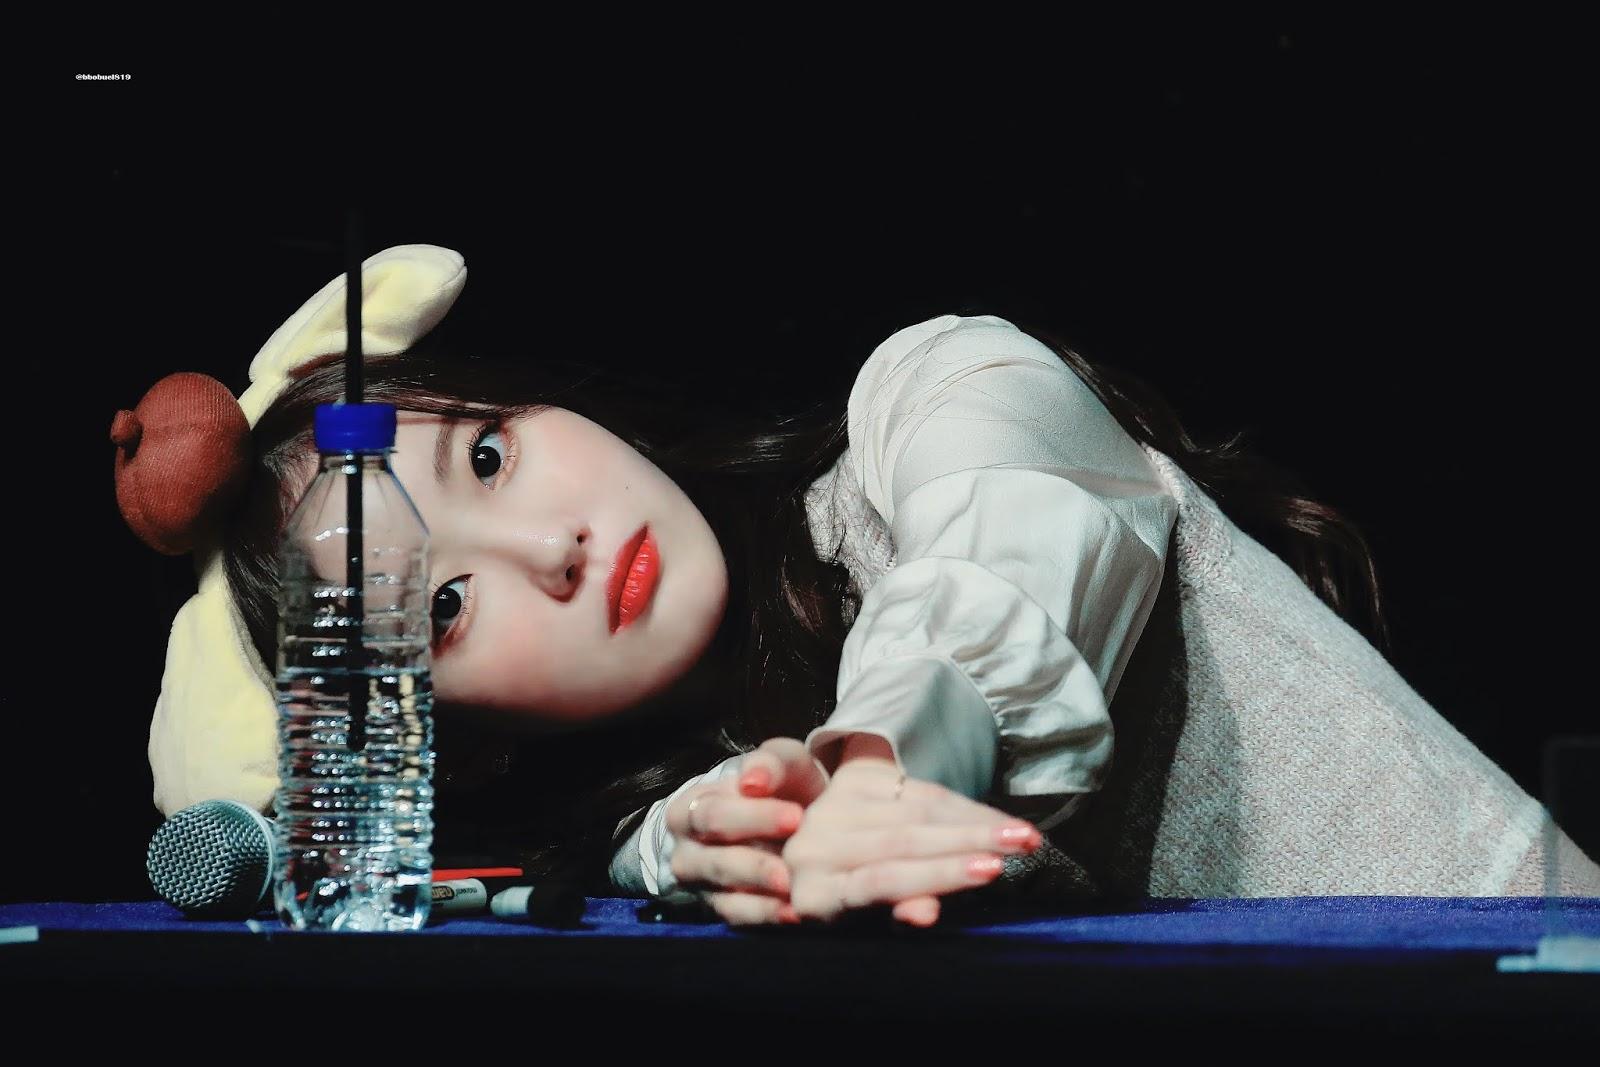 아름다운 우주소녀 루다